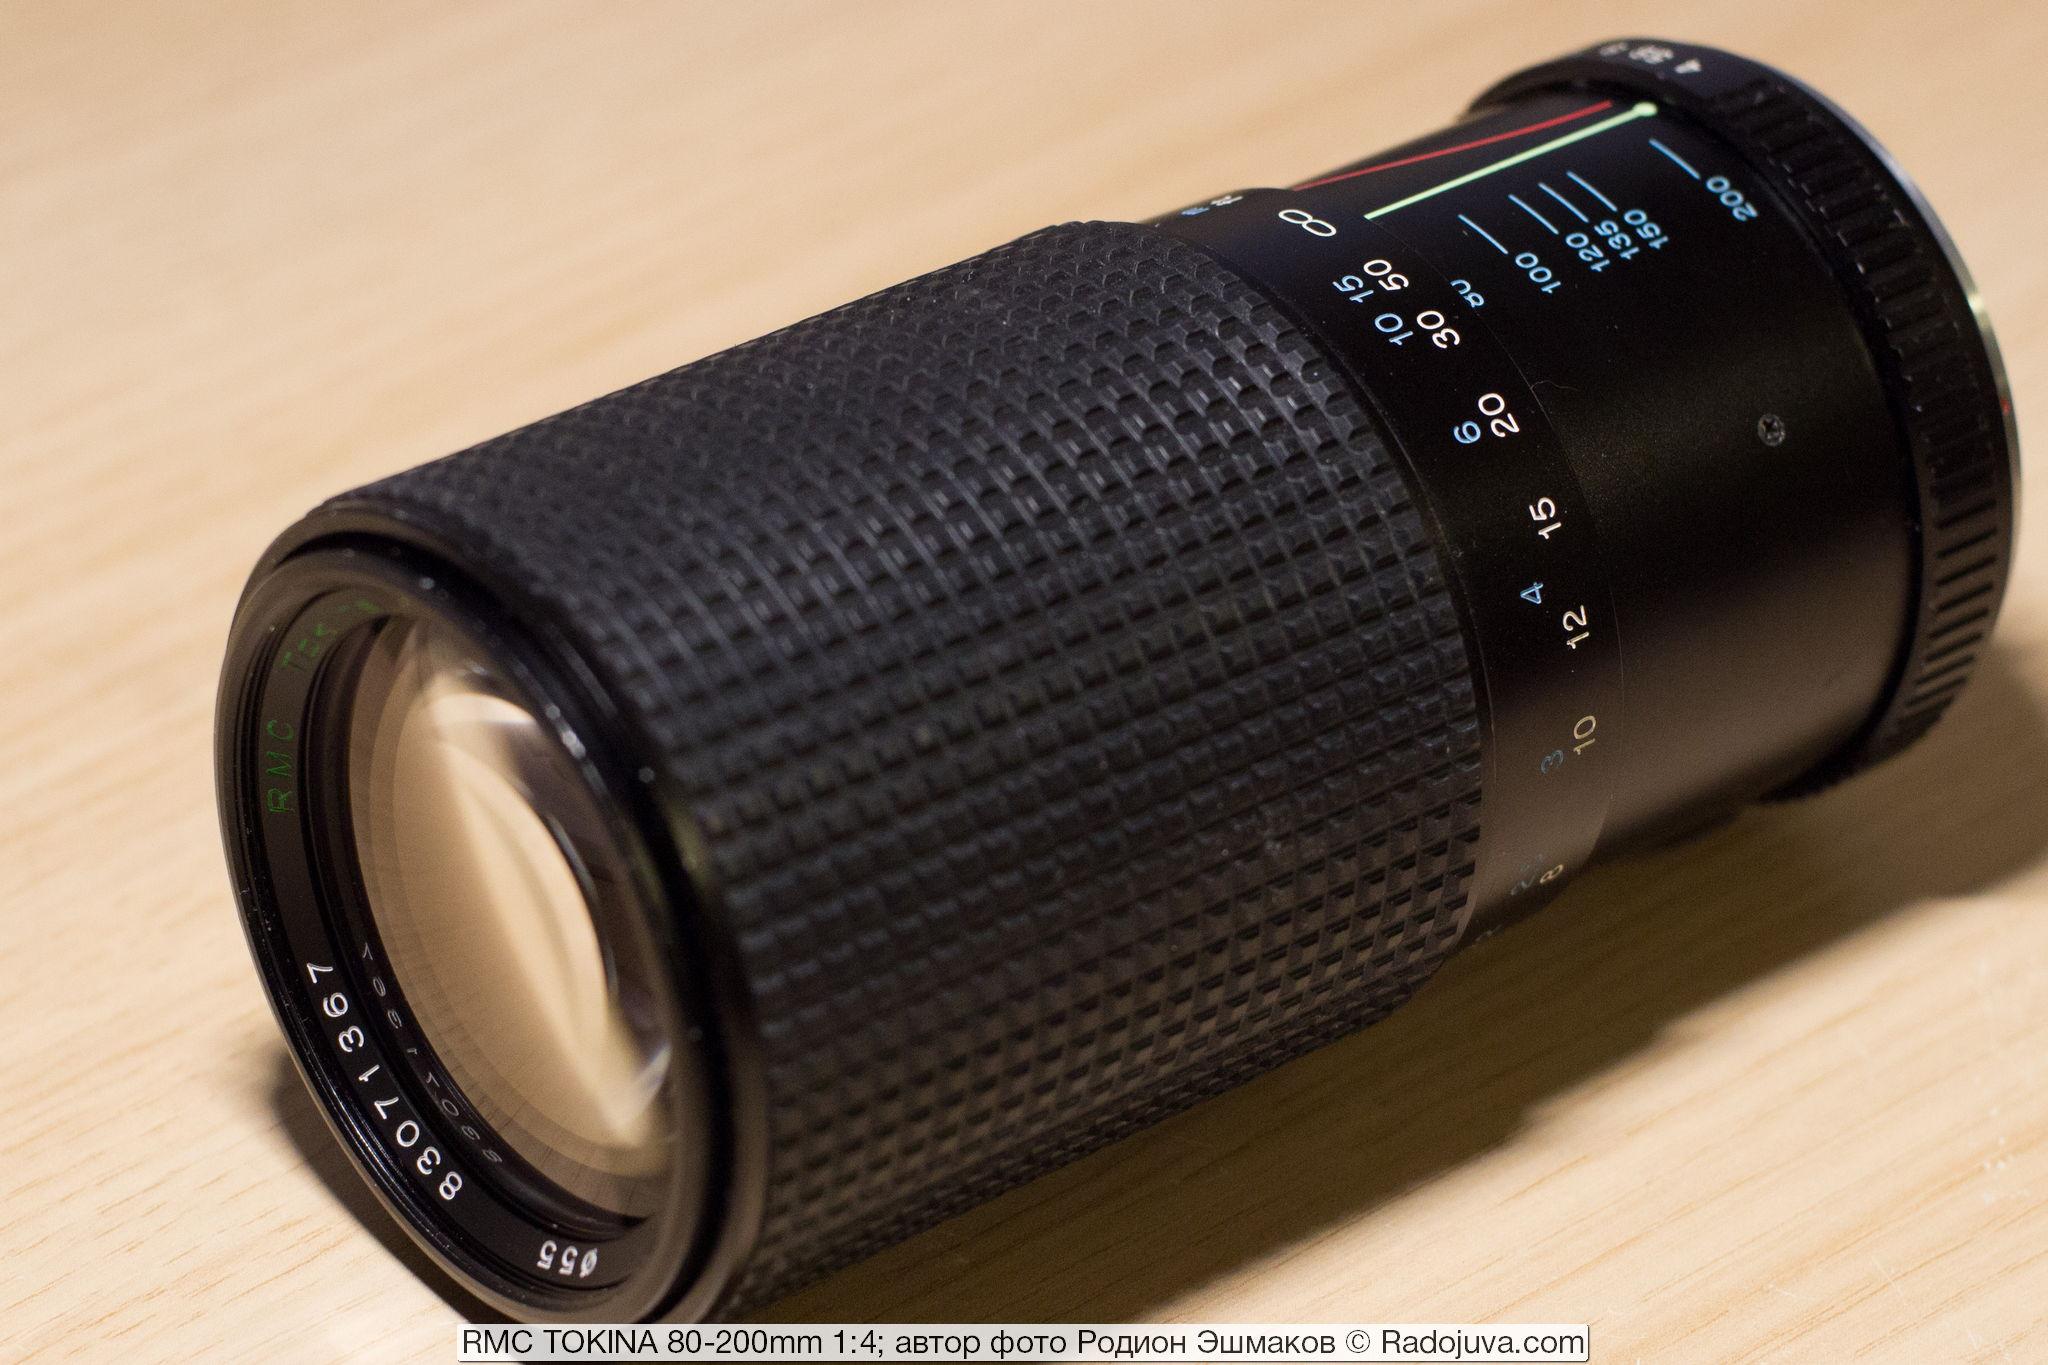 Вид объектива при фокусировке на бесконечность на 80 мм